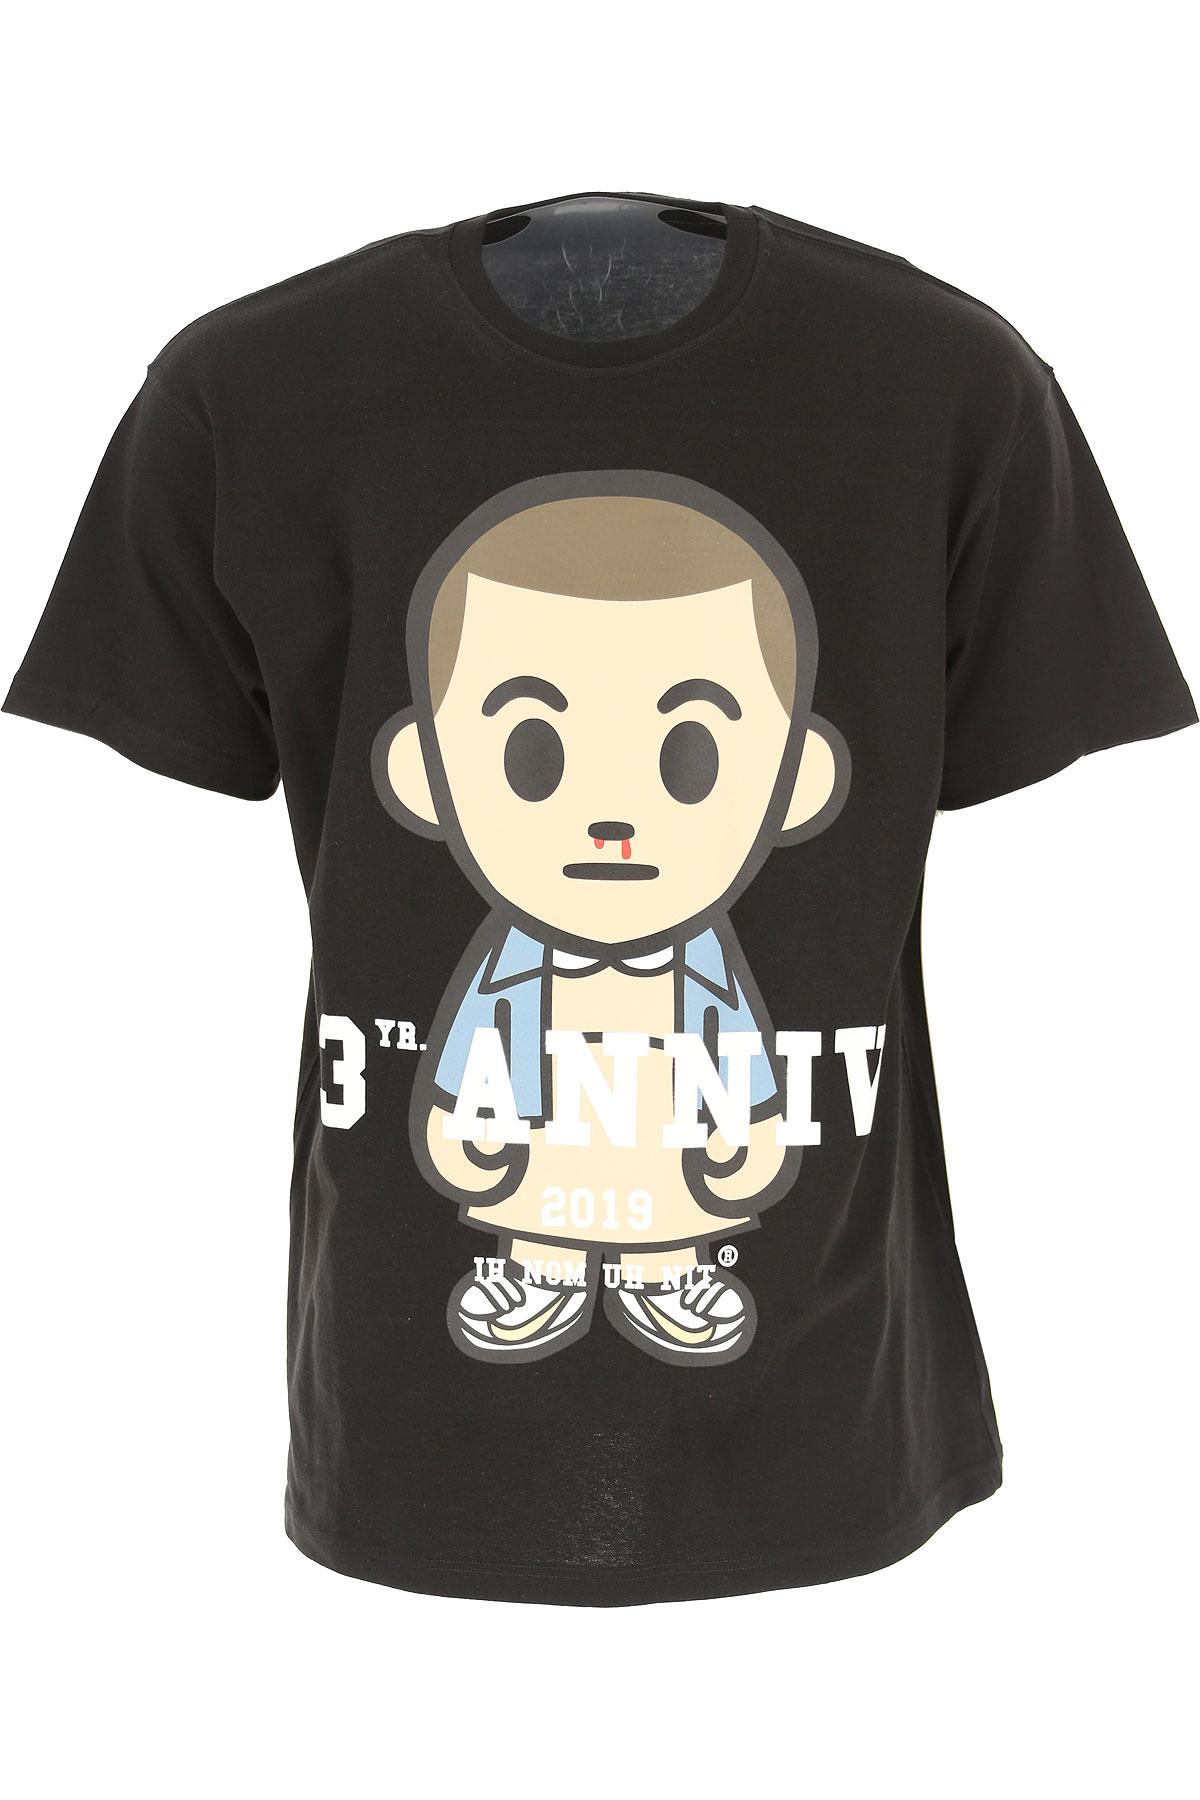 Ih Nom Uh Nit T-Shirt for Men On Sale, Black, Cotton, 2019, L M